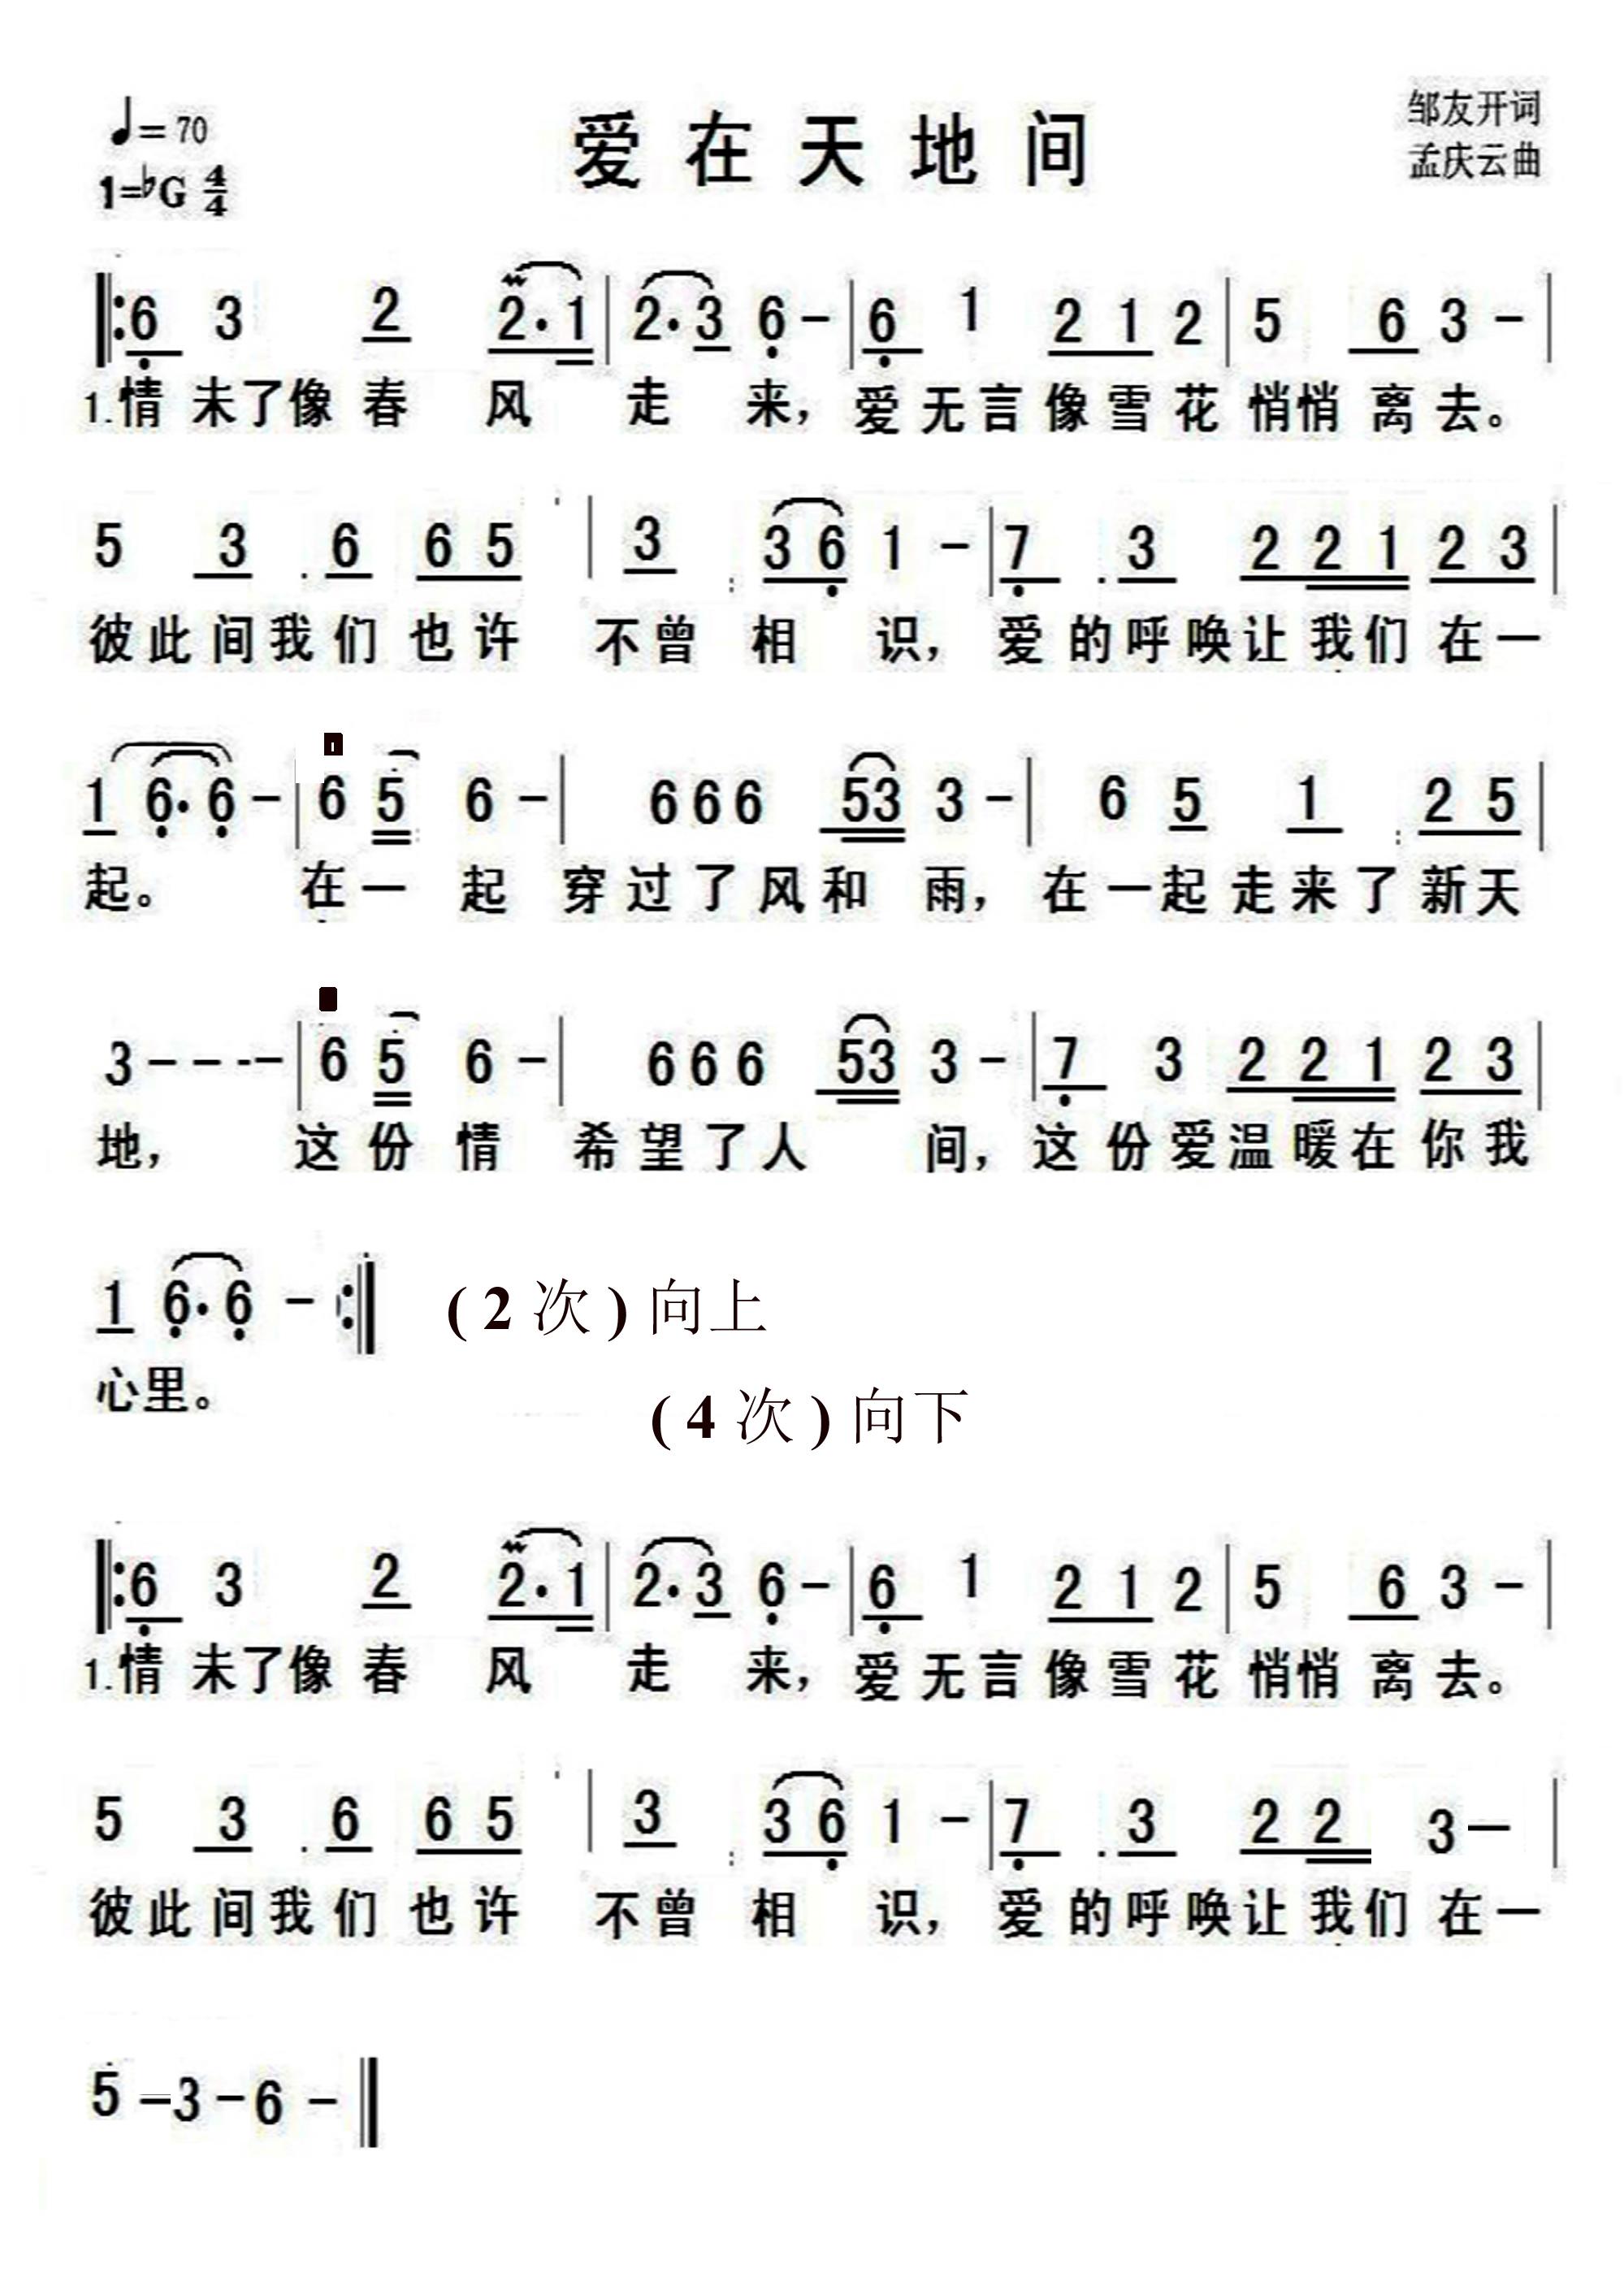 北京欢迎你的葫芦丝谱怀抱等你,(2)我家种着万年青,开放每段传奇,(3)